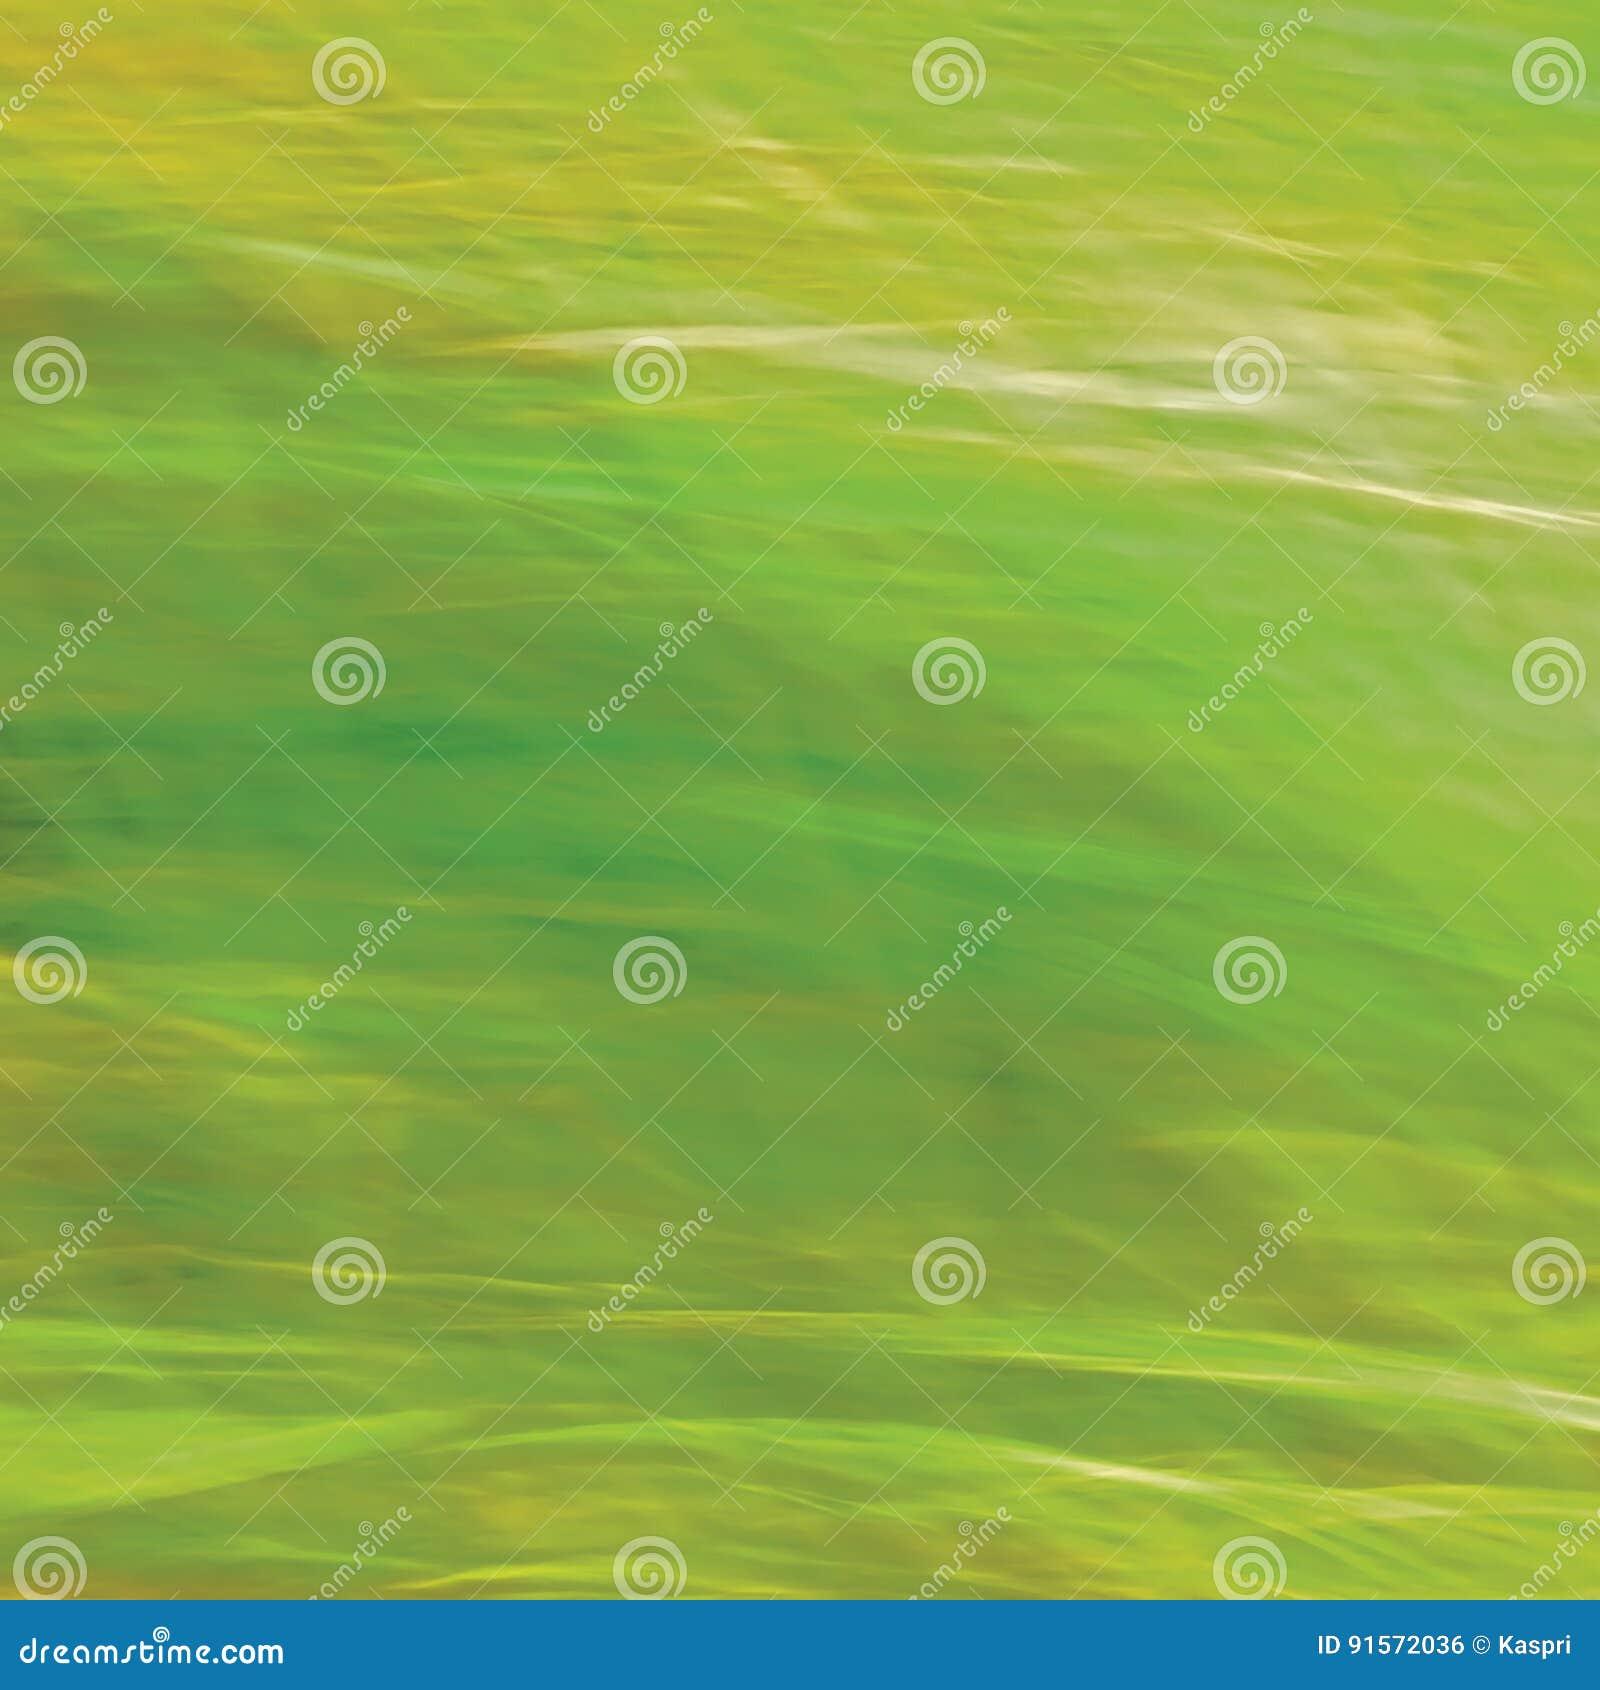 Fundo brilhante borrado movimento da grama de prado, verde abstrato, amarelo, espaço de Amber Horizontal Texture Pattern Copy